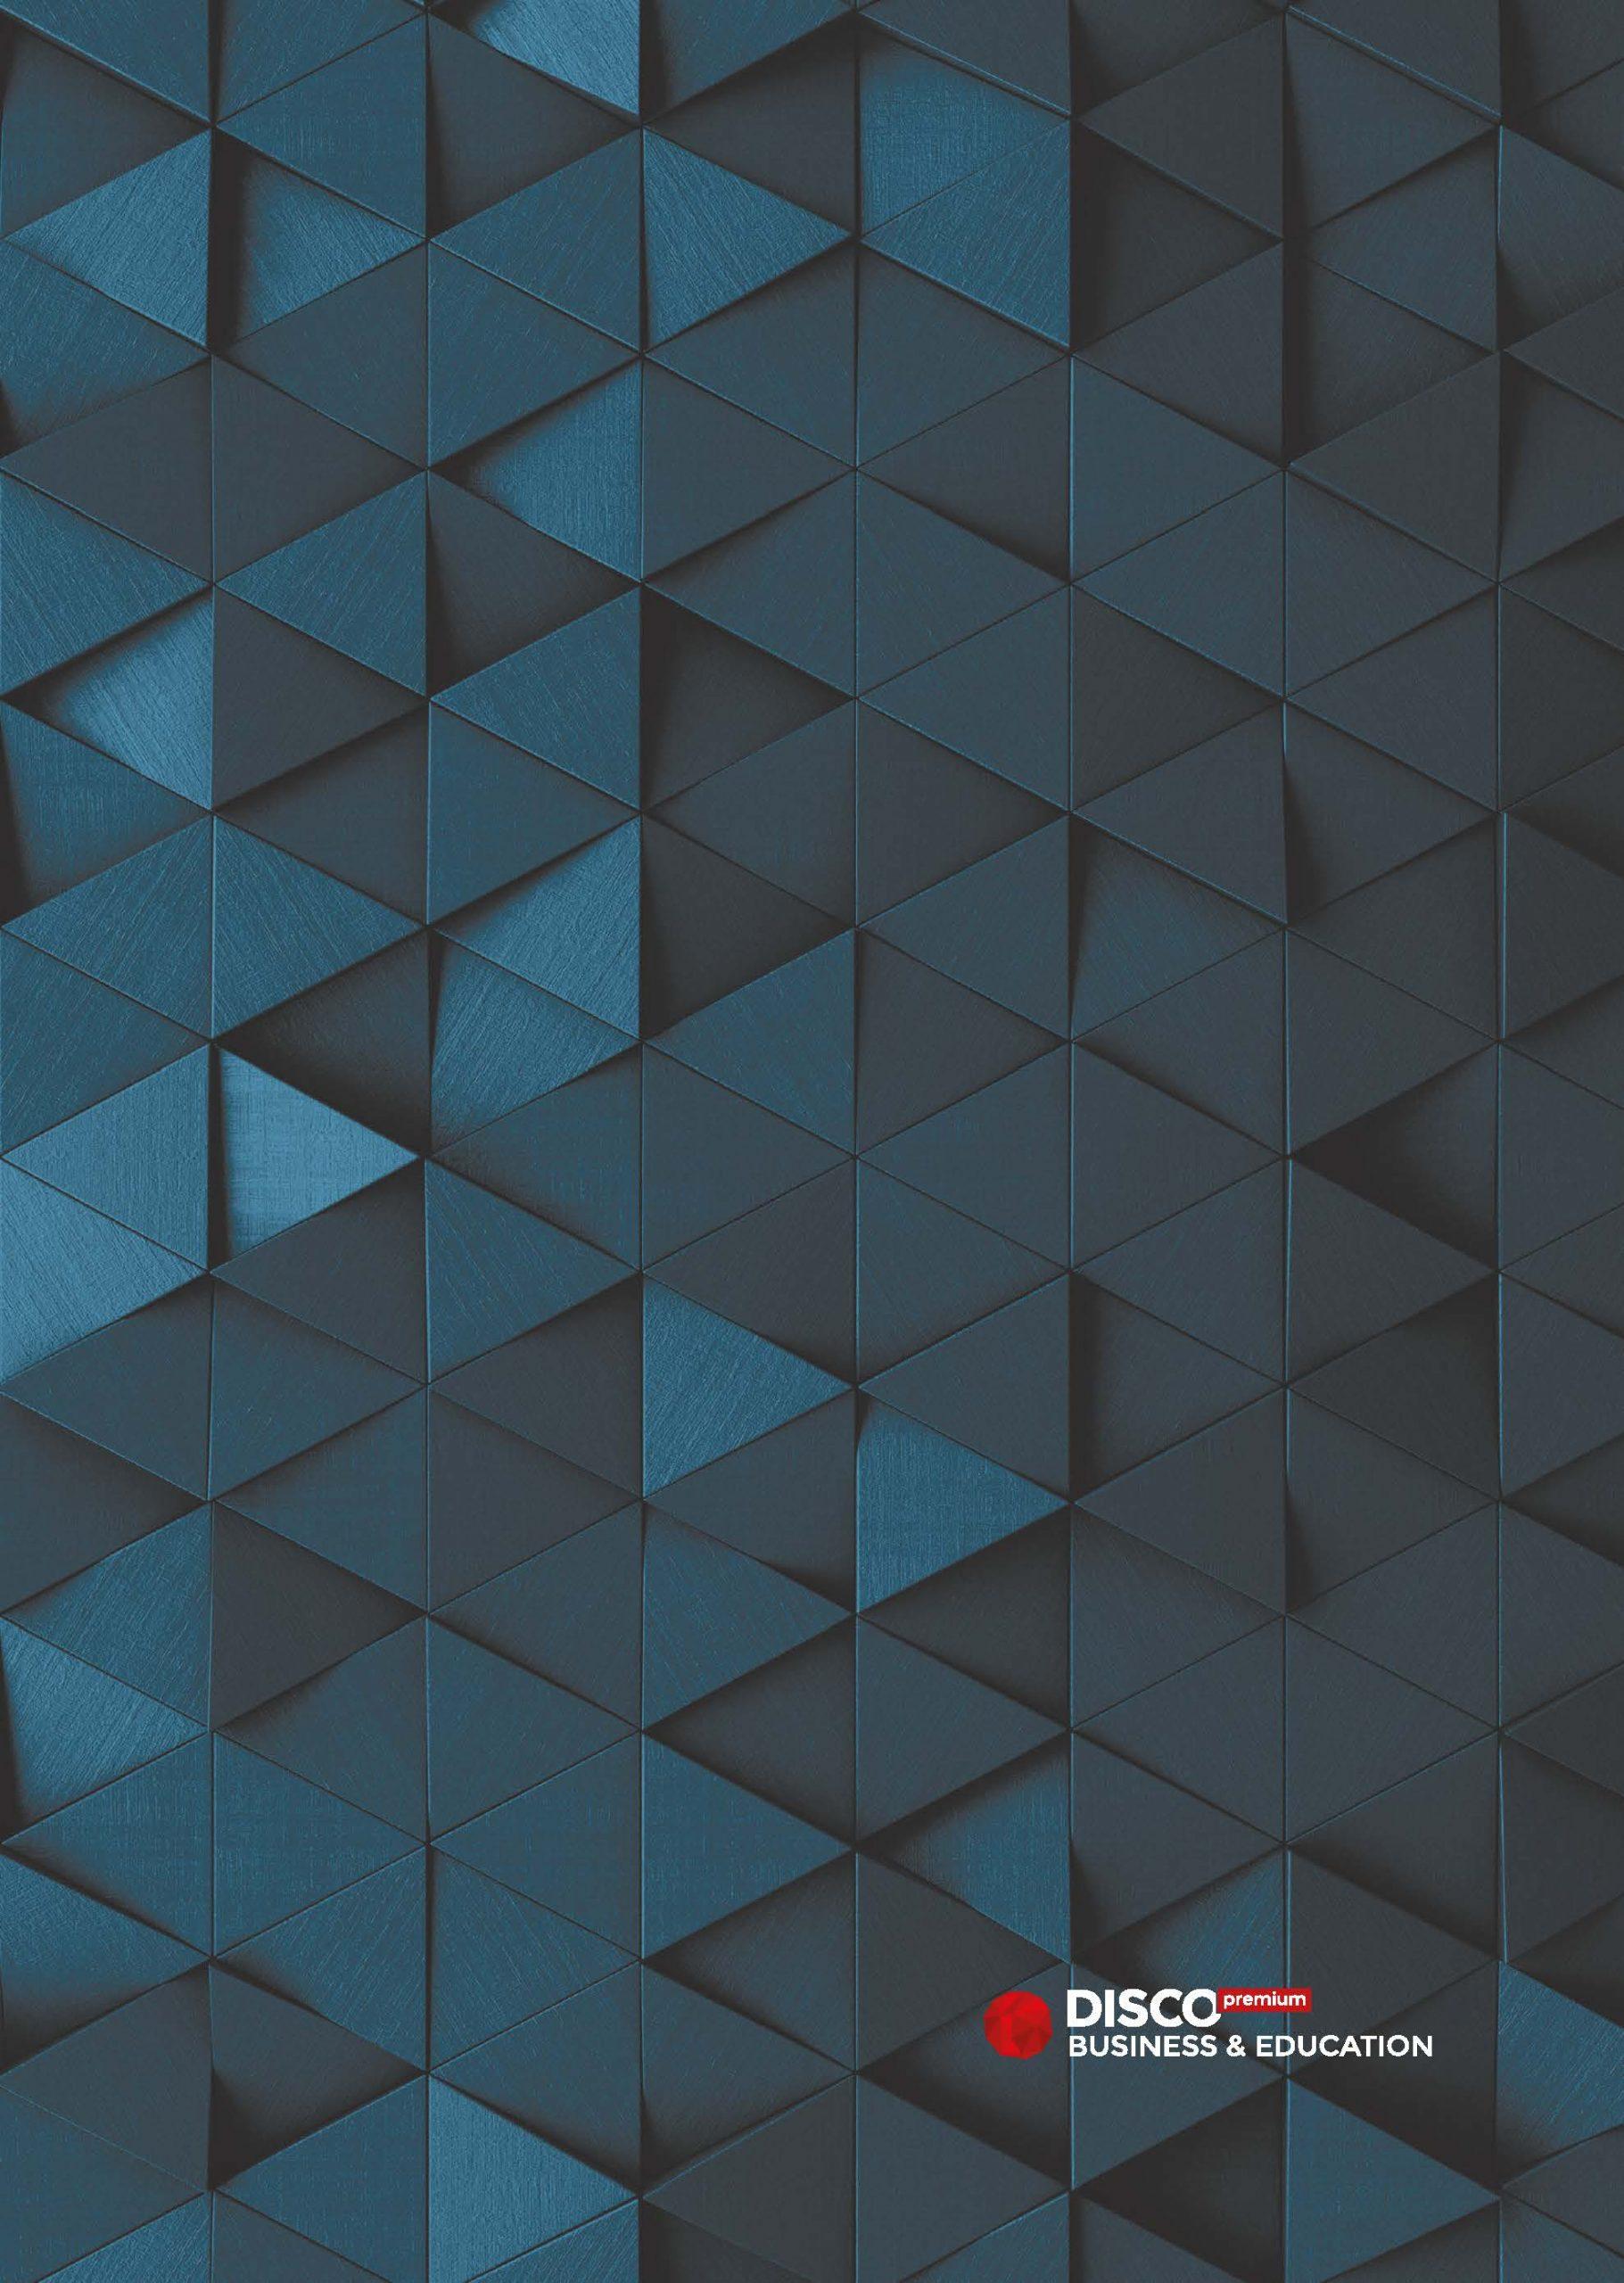 Disco Premium Business&Education